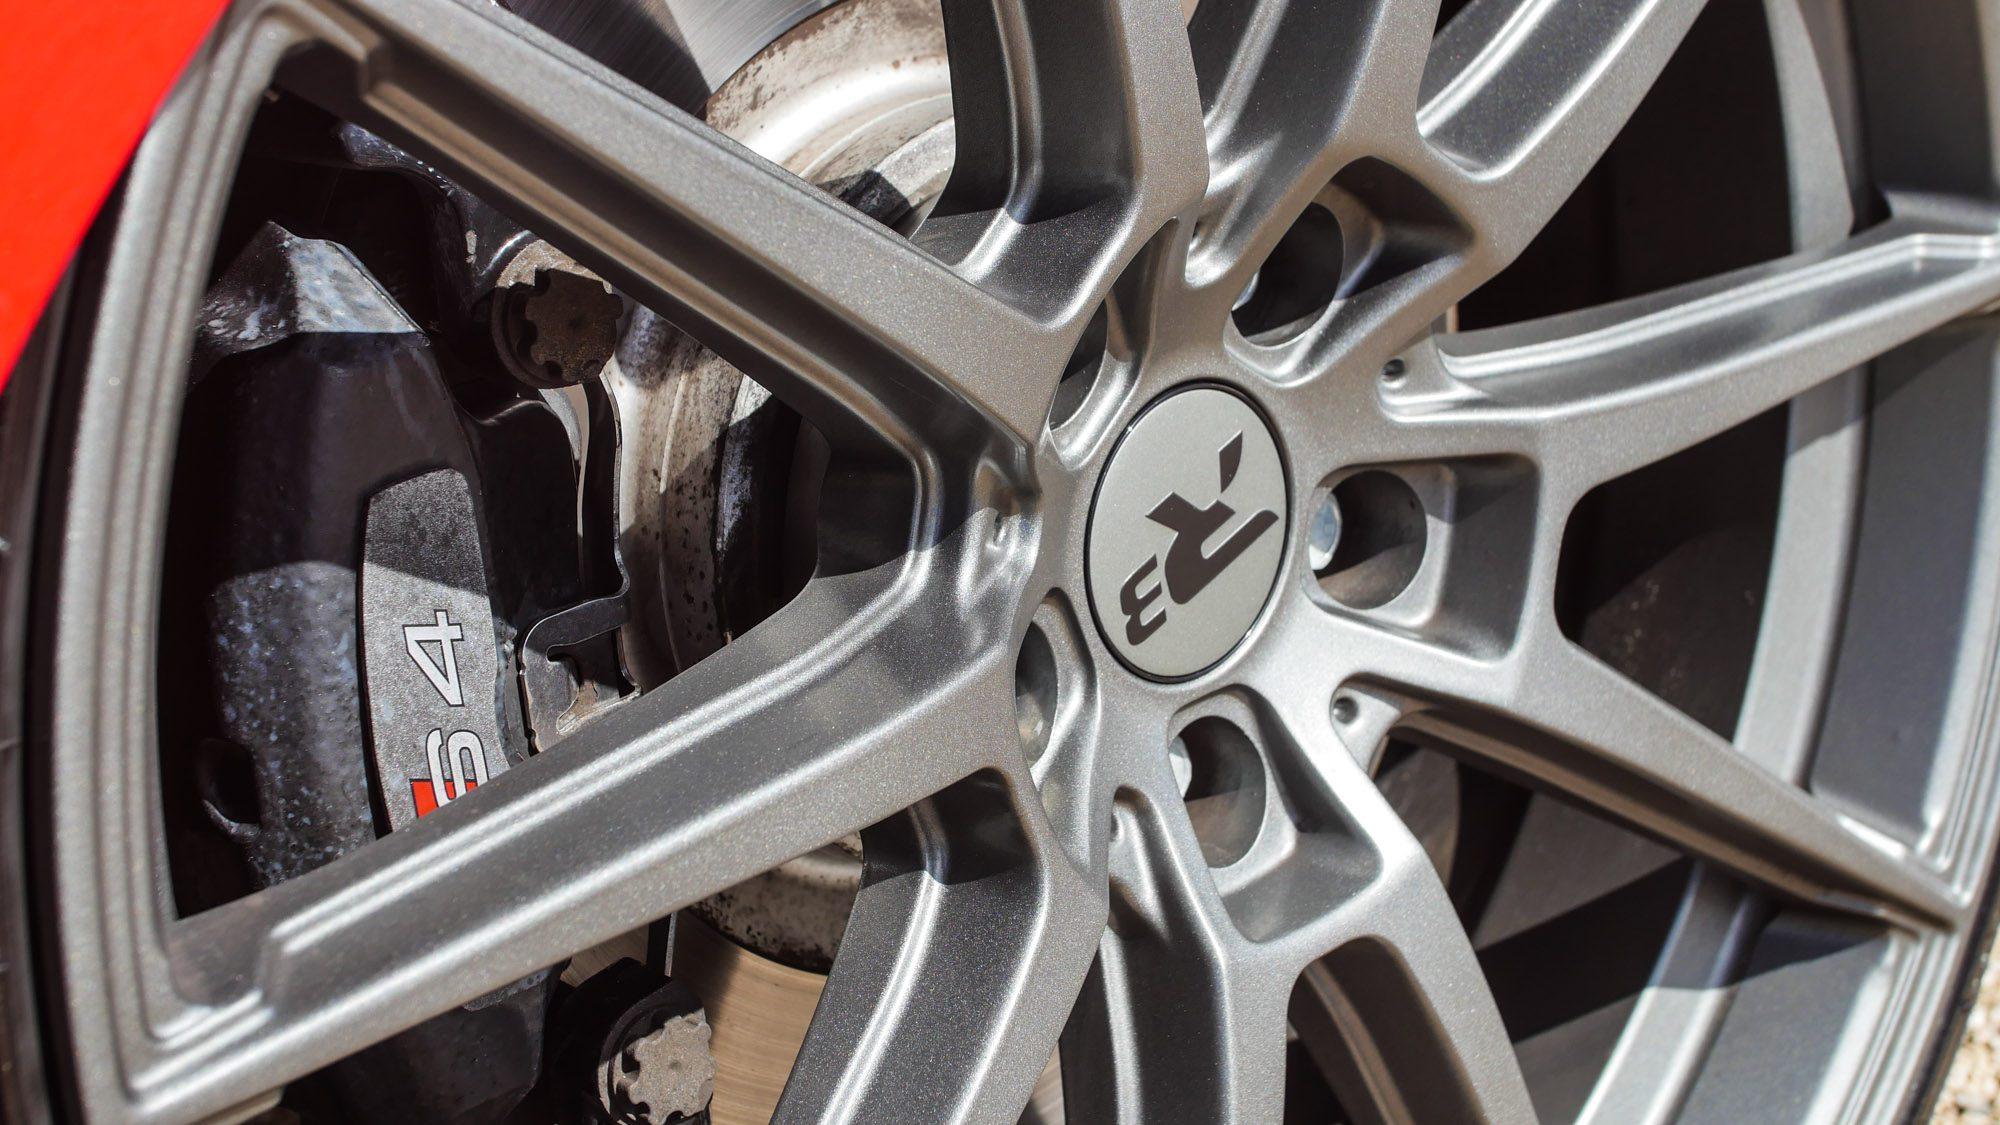 Detailansicht der R3-Räder auf dem Audi S4 Avant